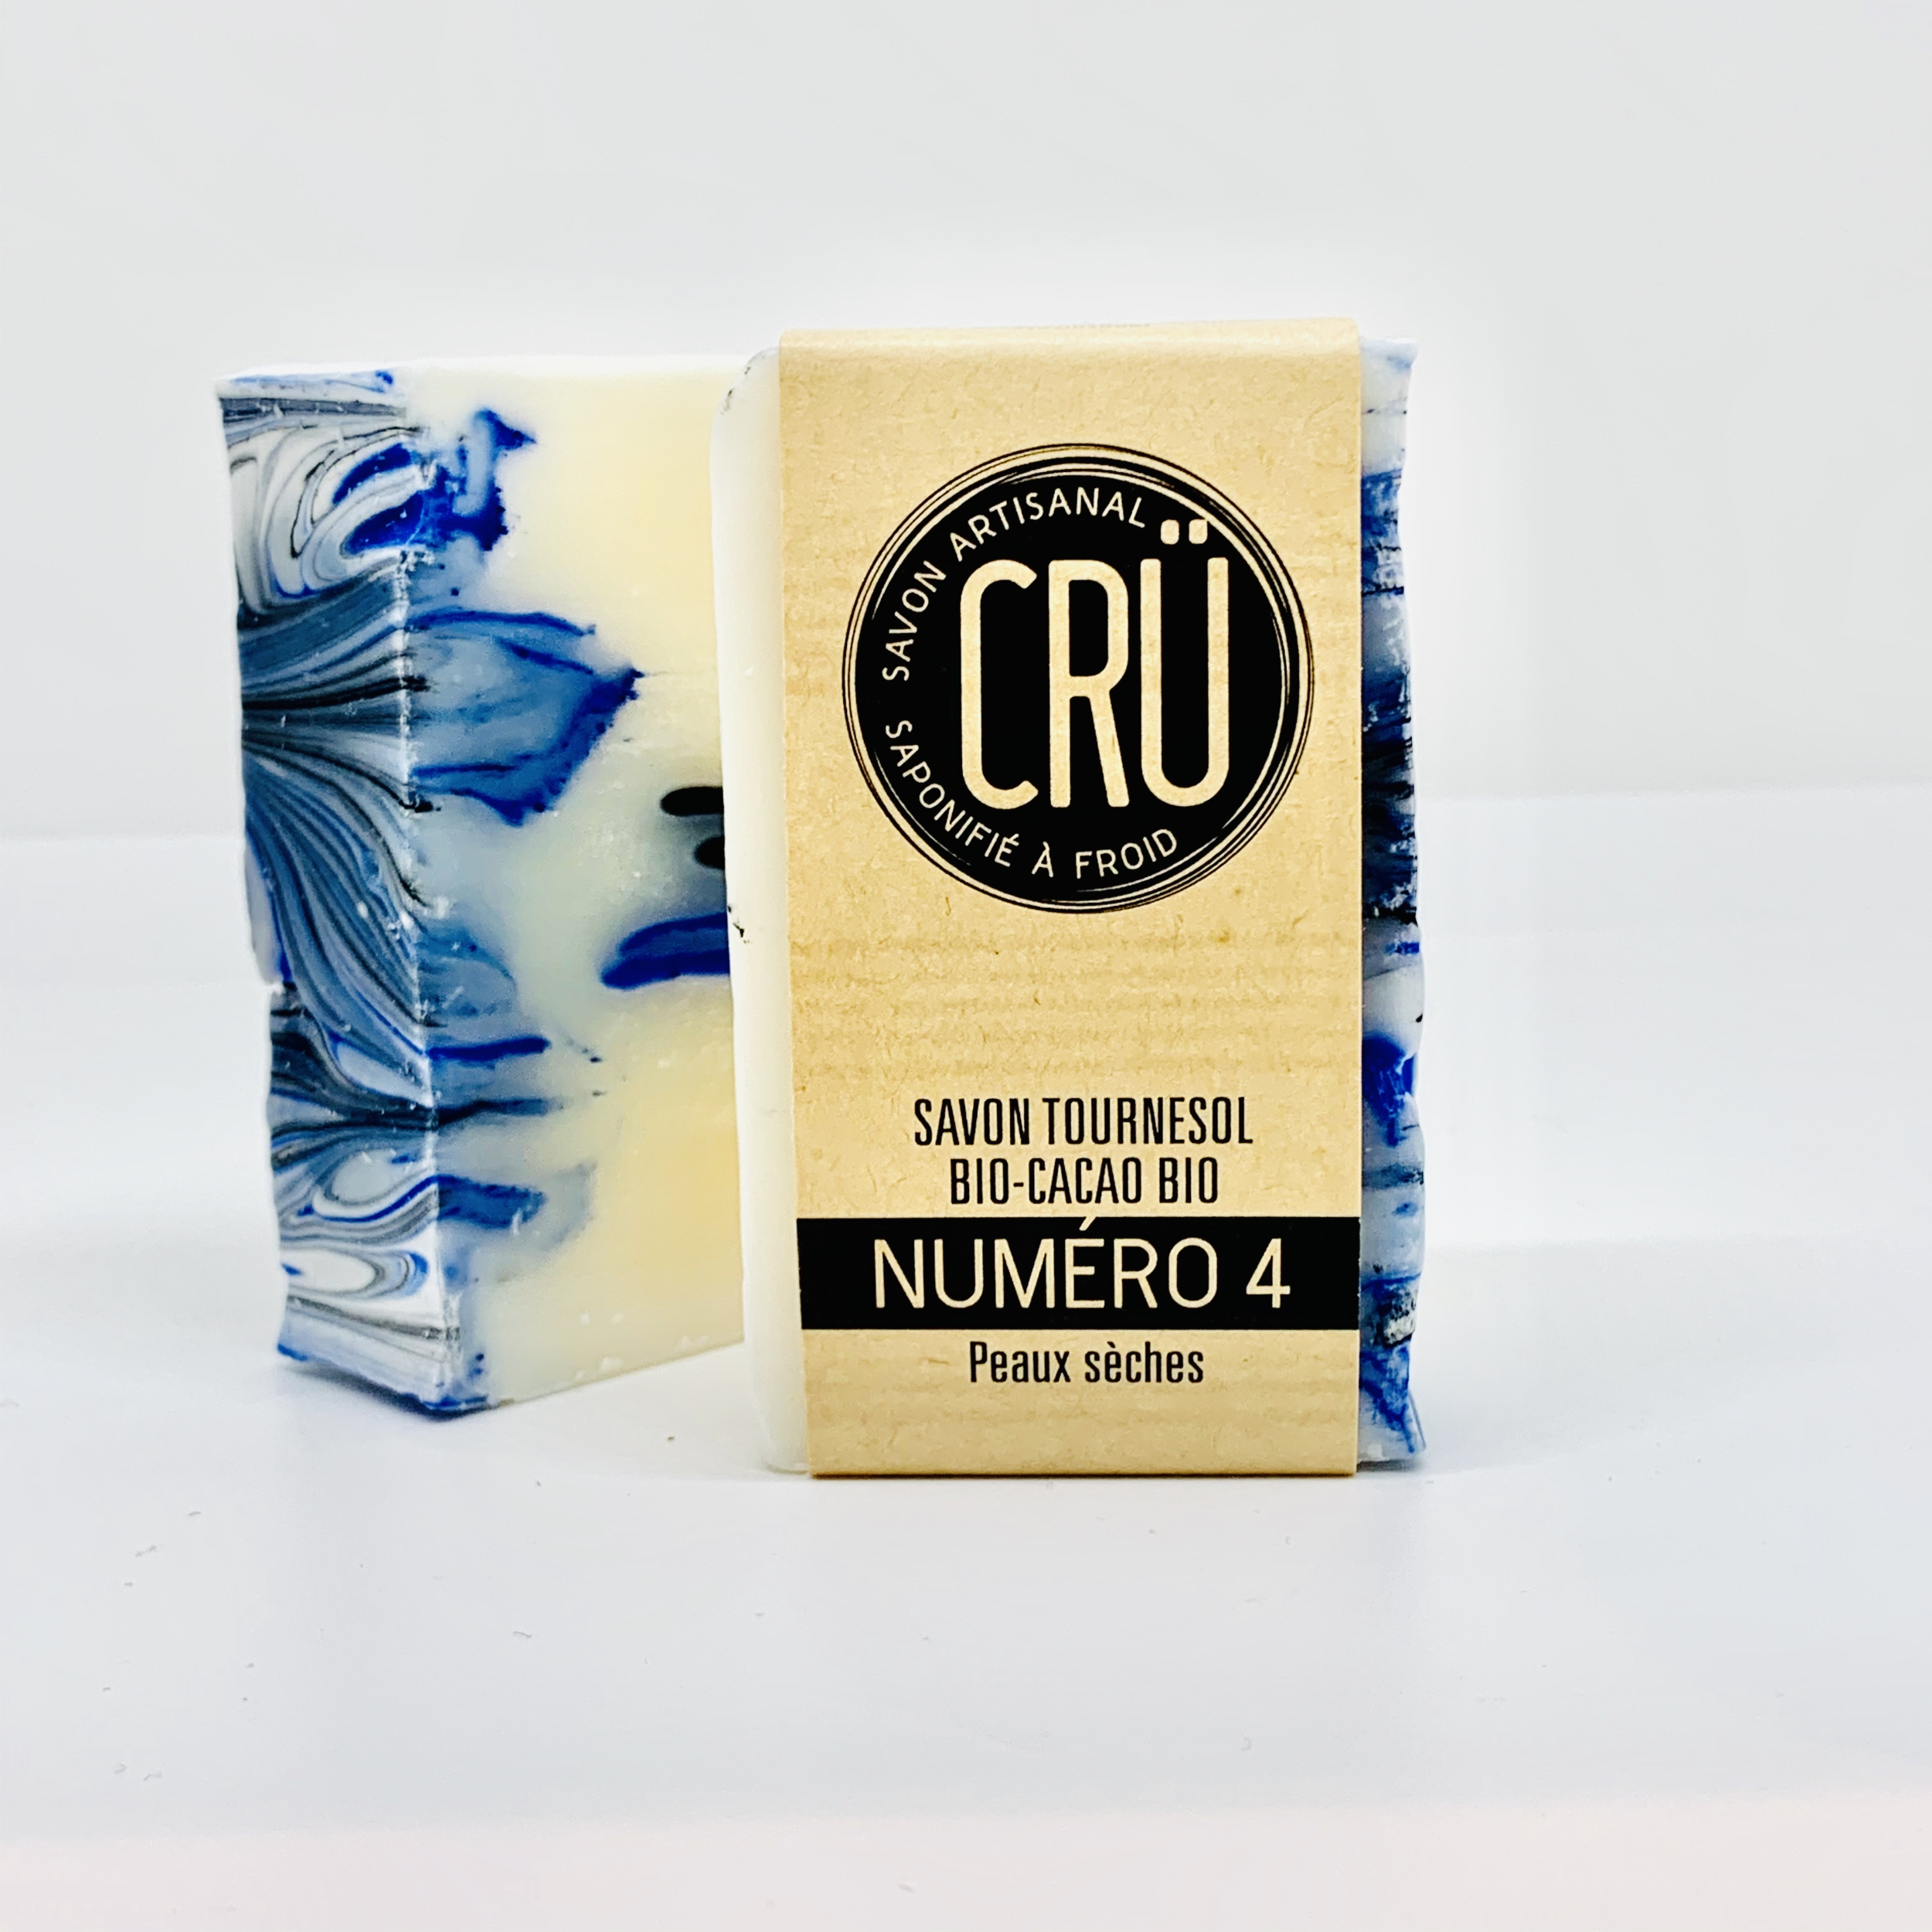 savon artisanal bio CRU n°4